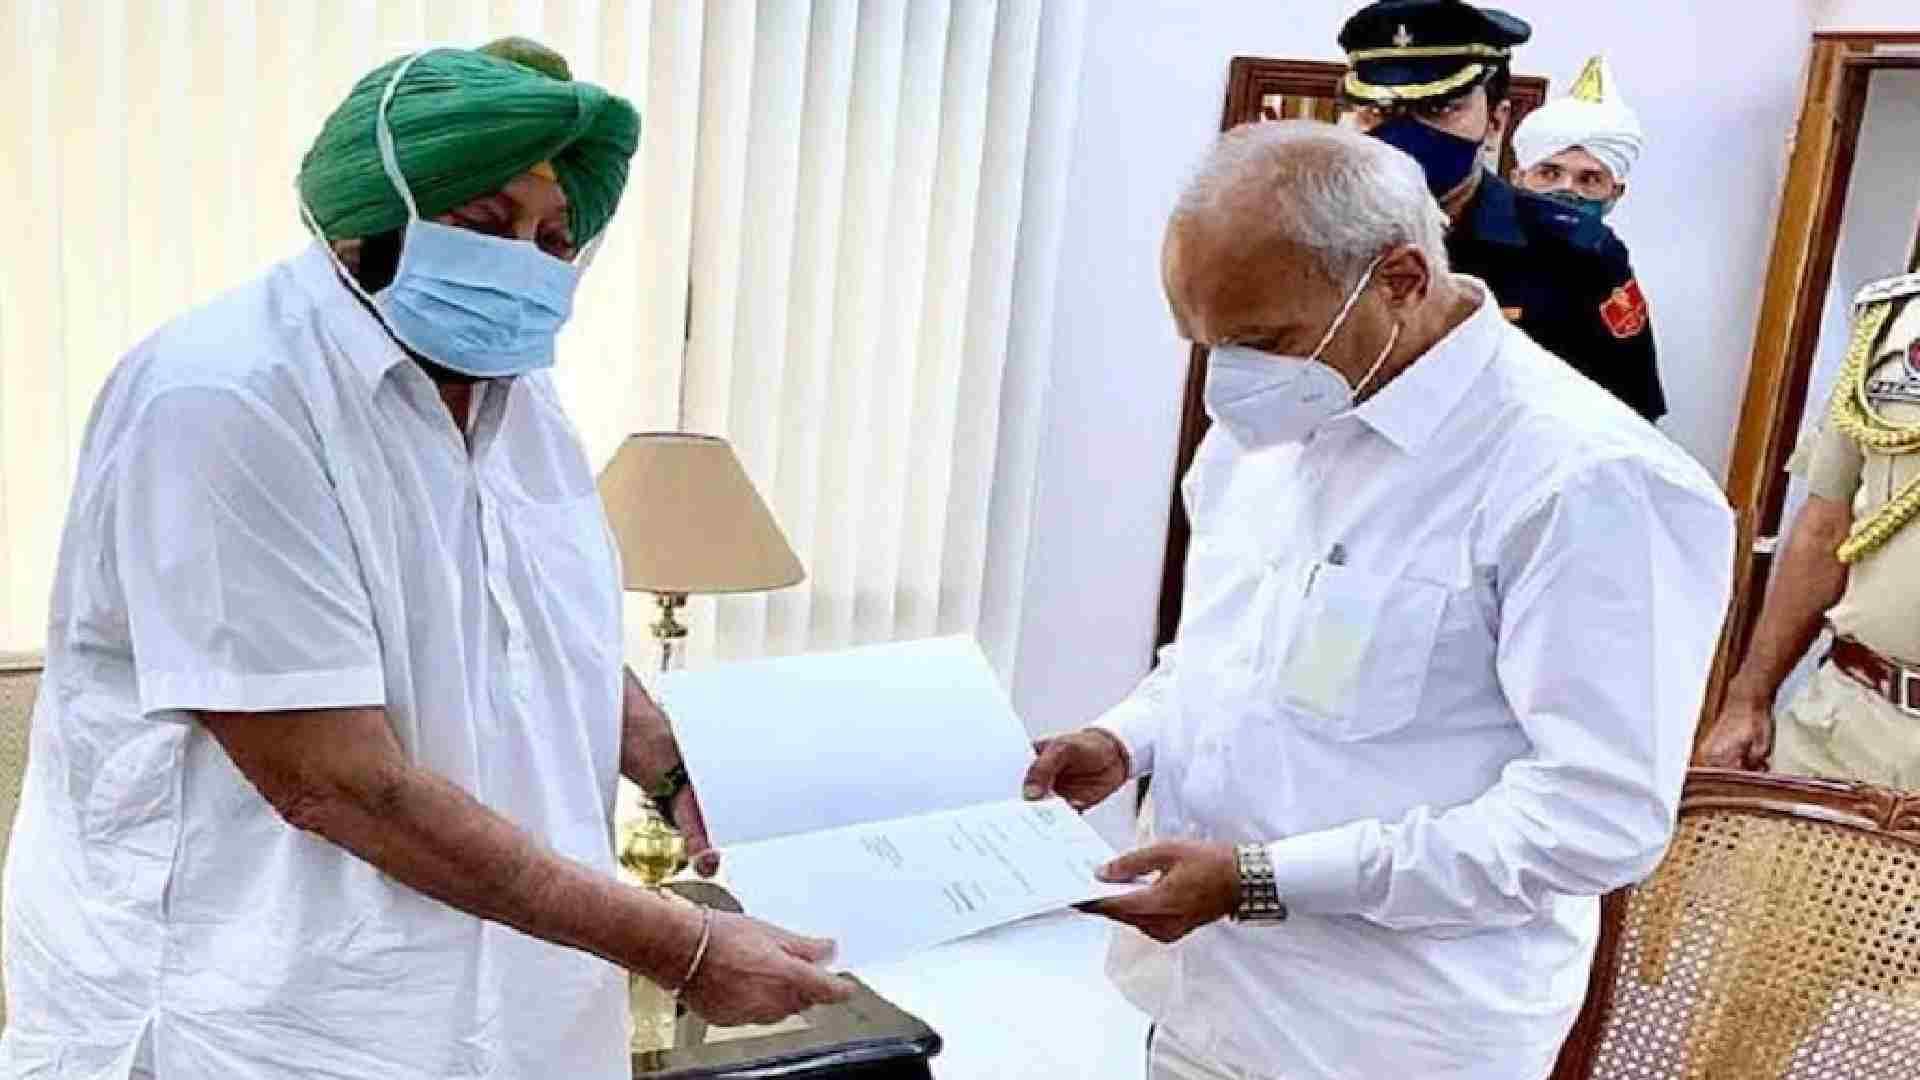 Amarinder Singh : कैप्टन अमरिन्दर सिंह ने पंजाब के मुख्यमंत्री पद से दीया इस्तीफा